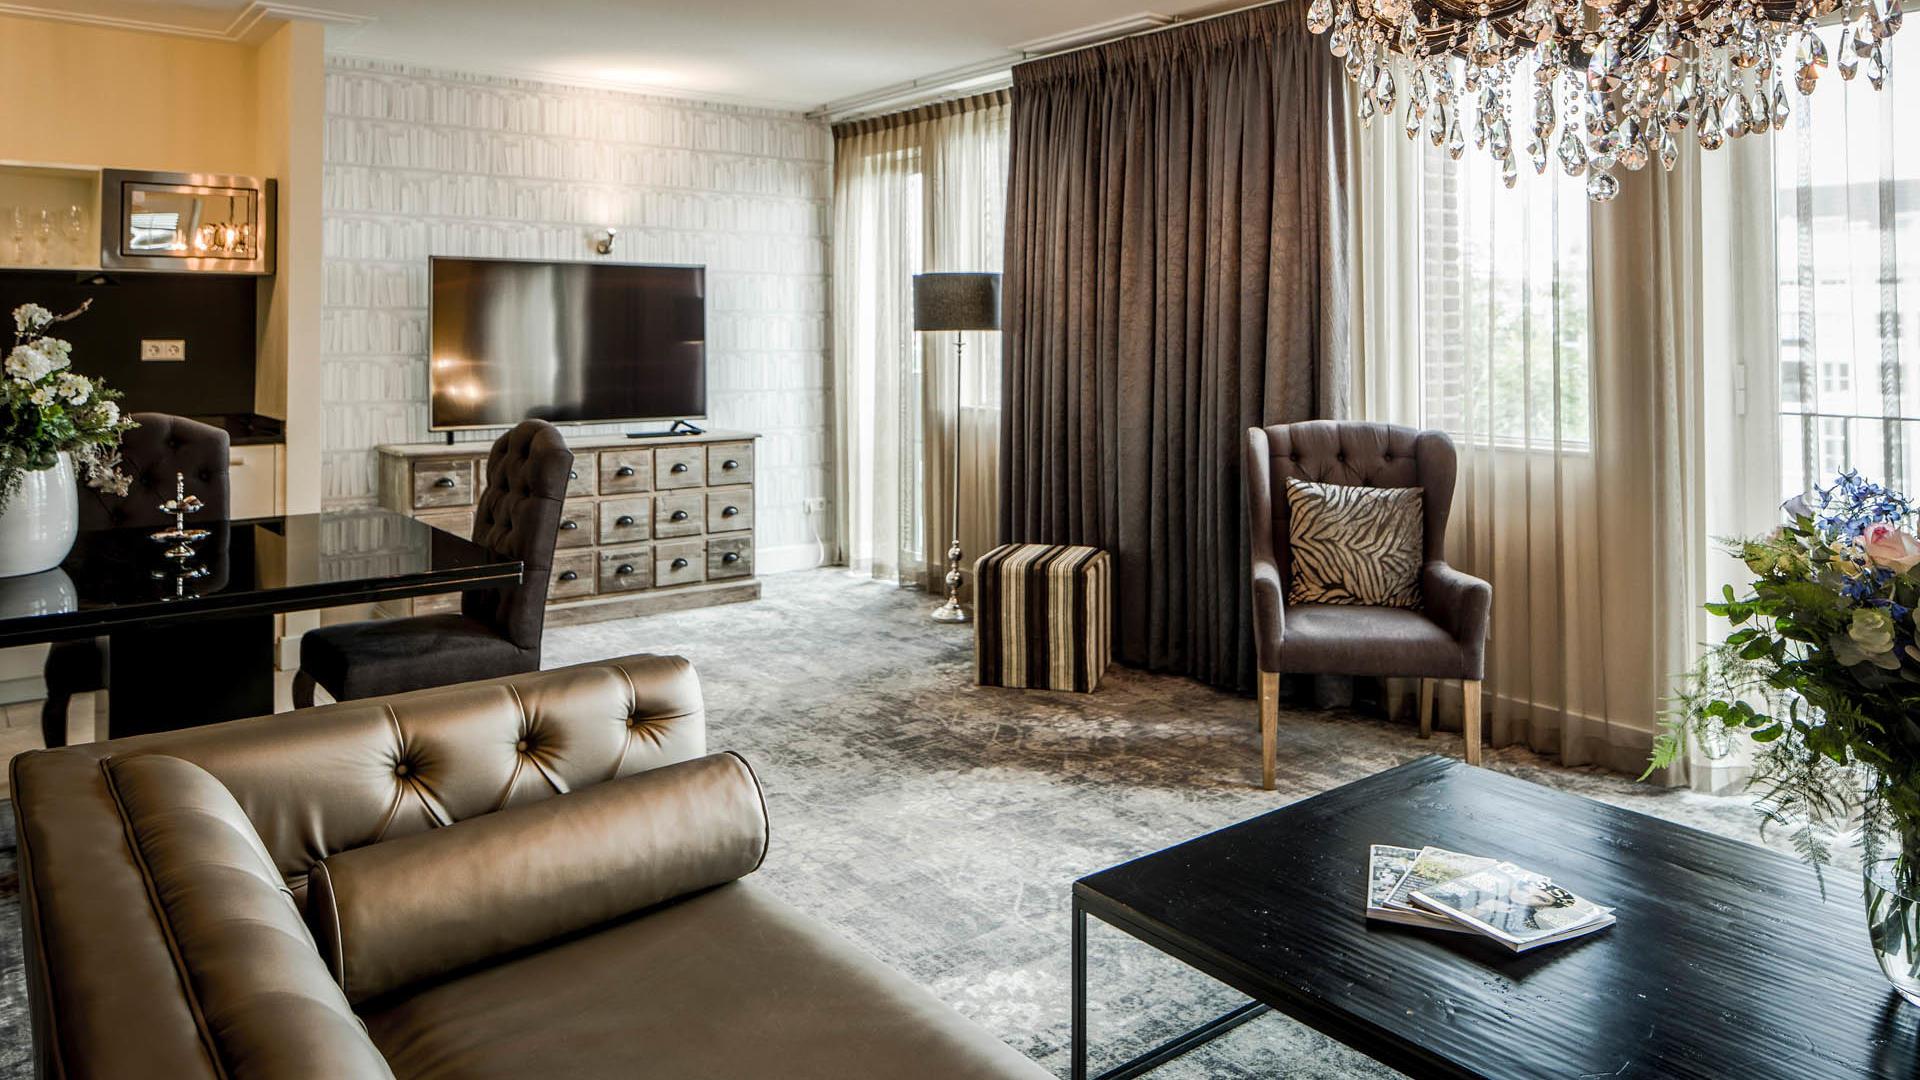 Amsterdam Imperial Suite